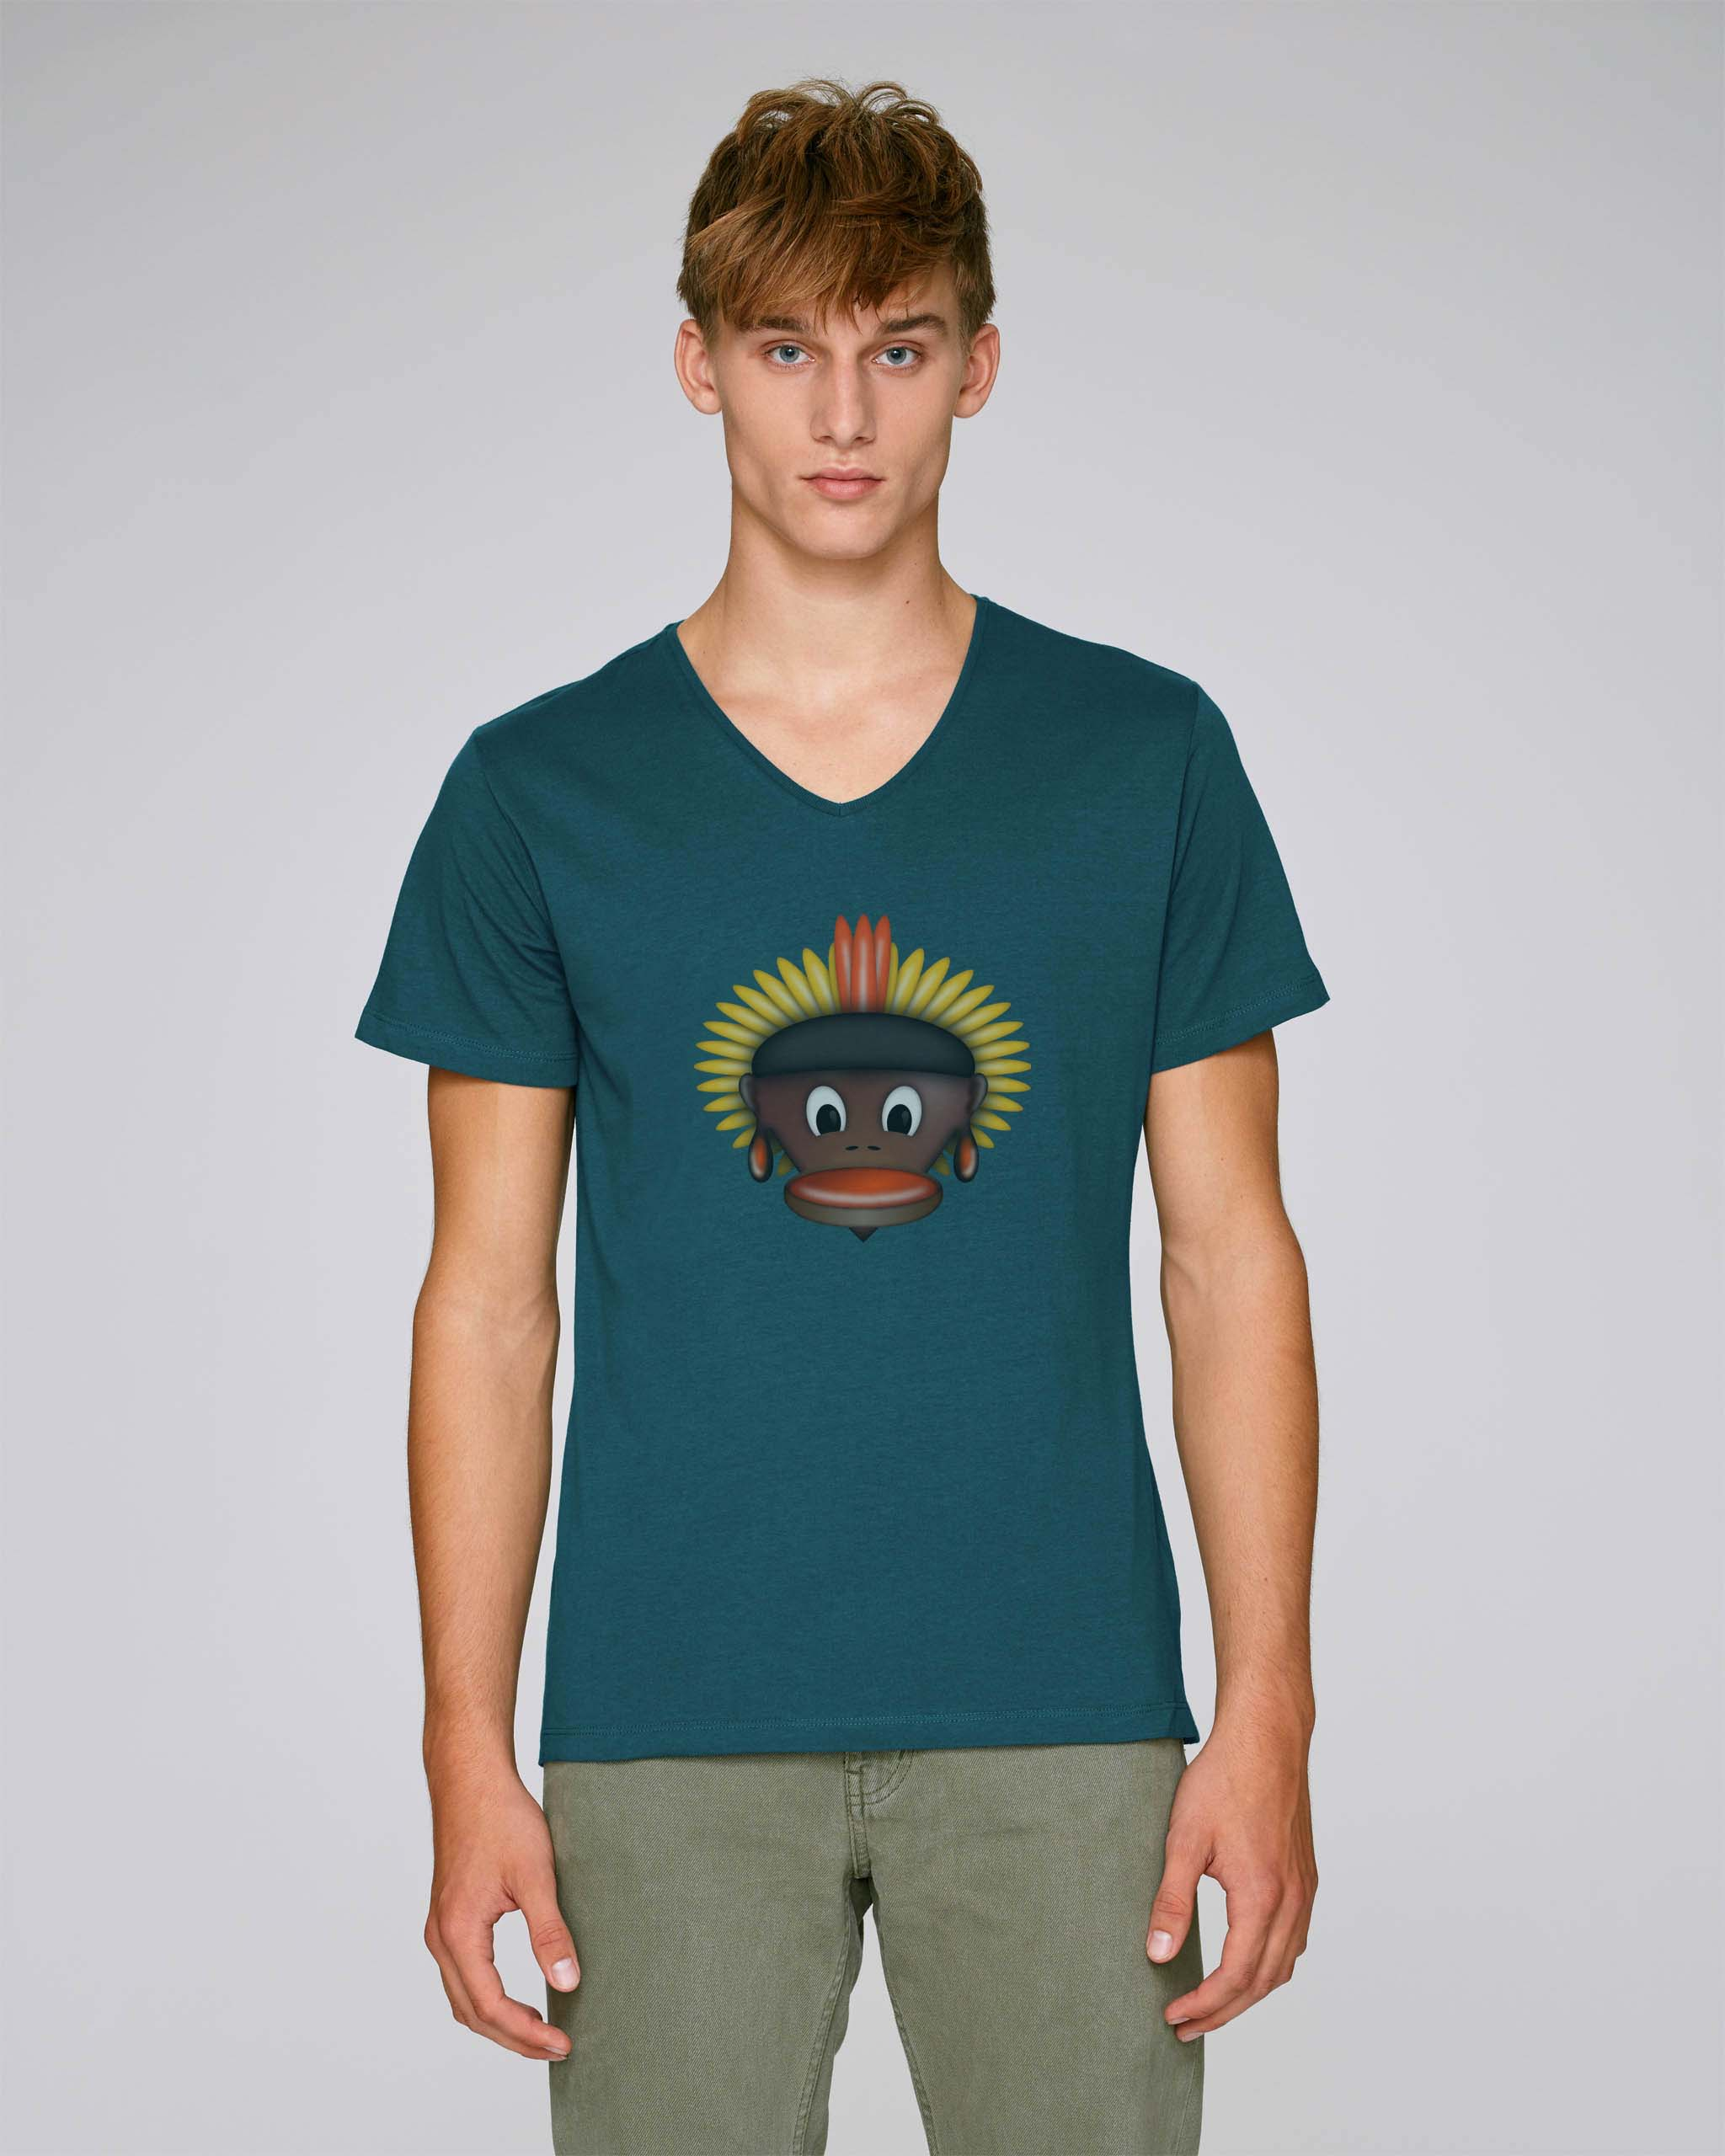 T-Shirt Vert Foncé Bio Homme - Tribe tee